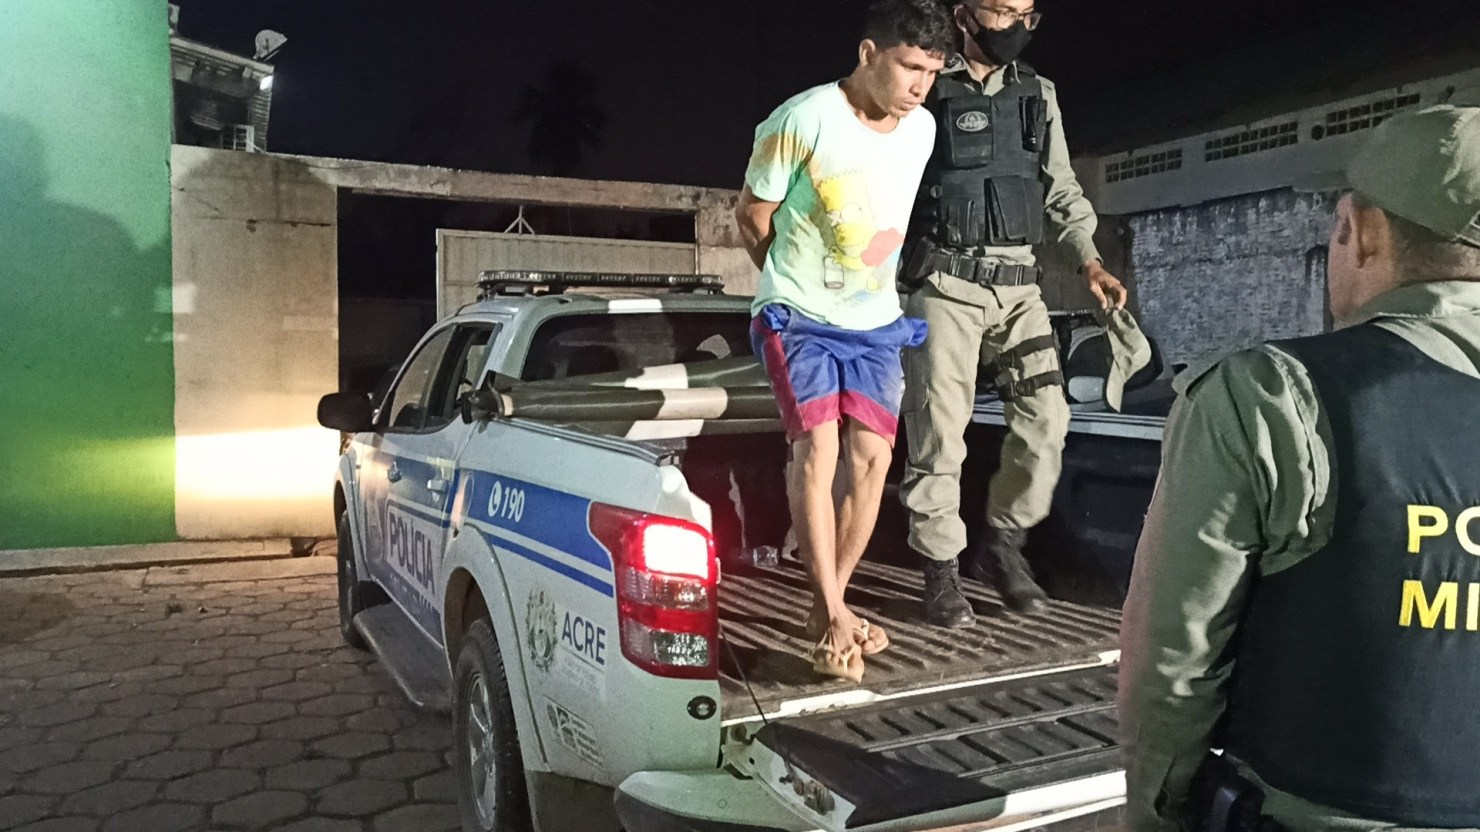 Jovem é preso com maconha e cocaína durante abordagem policial no Montanhês